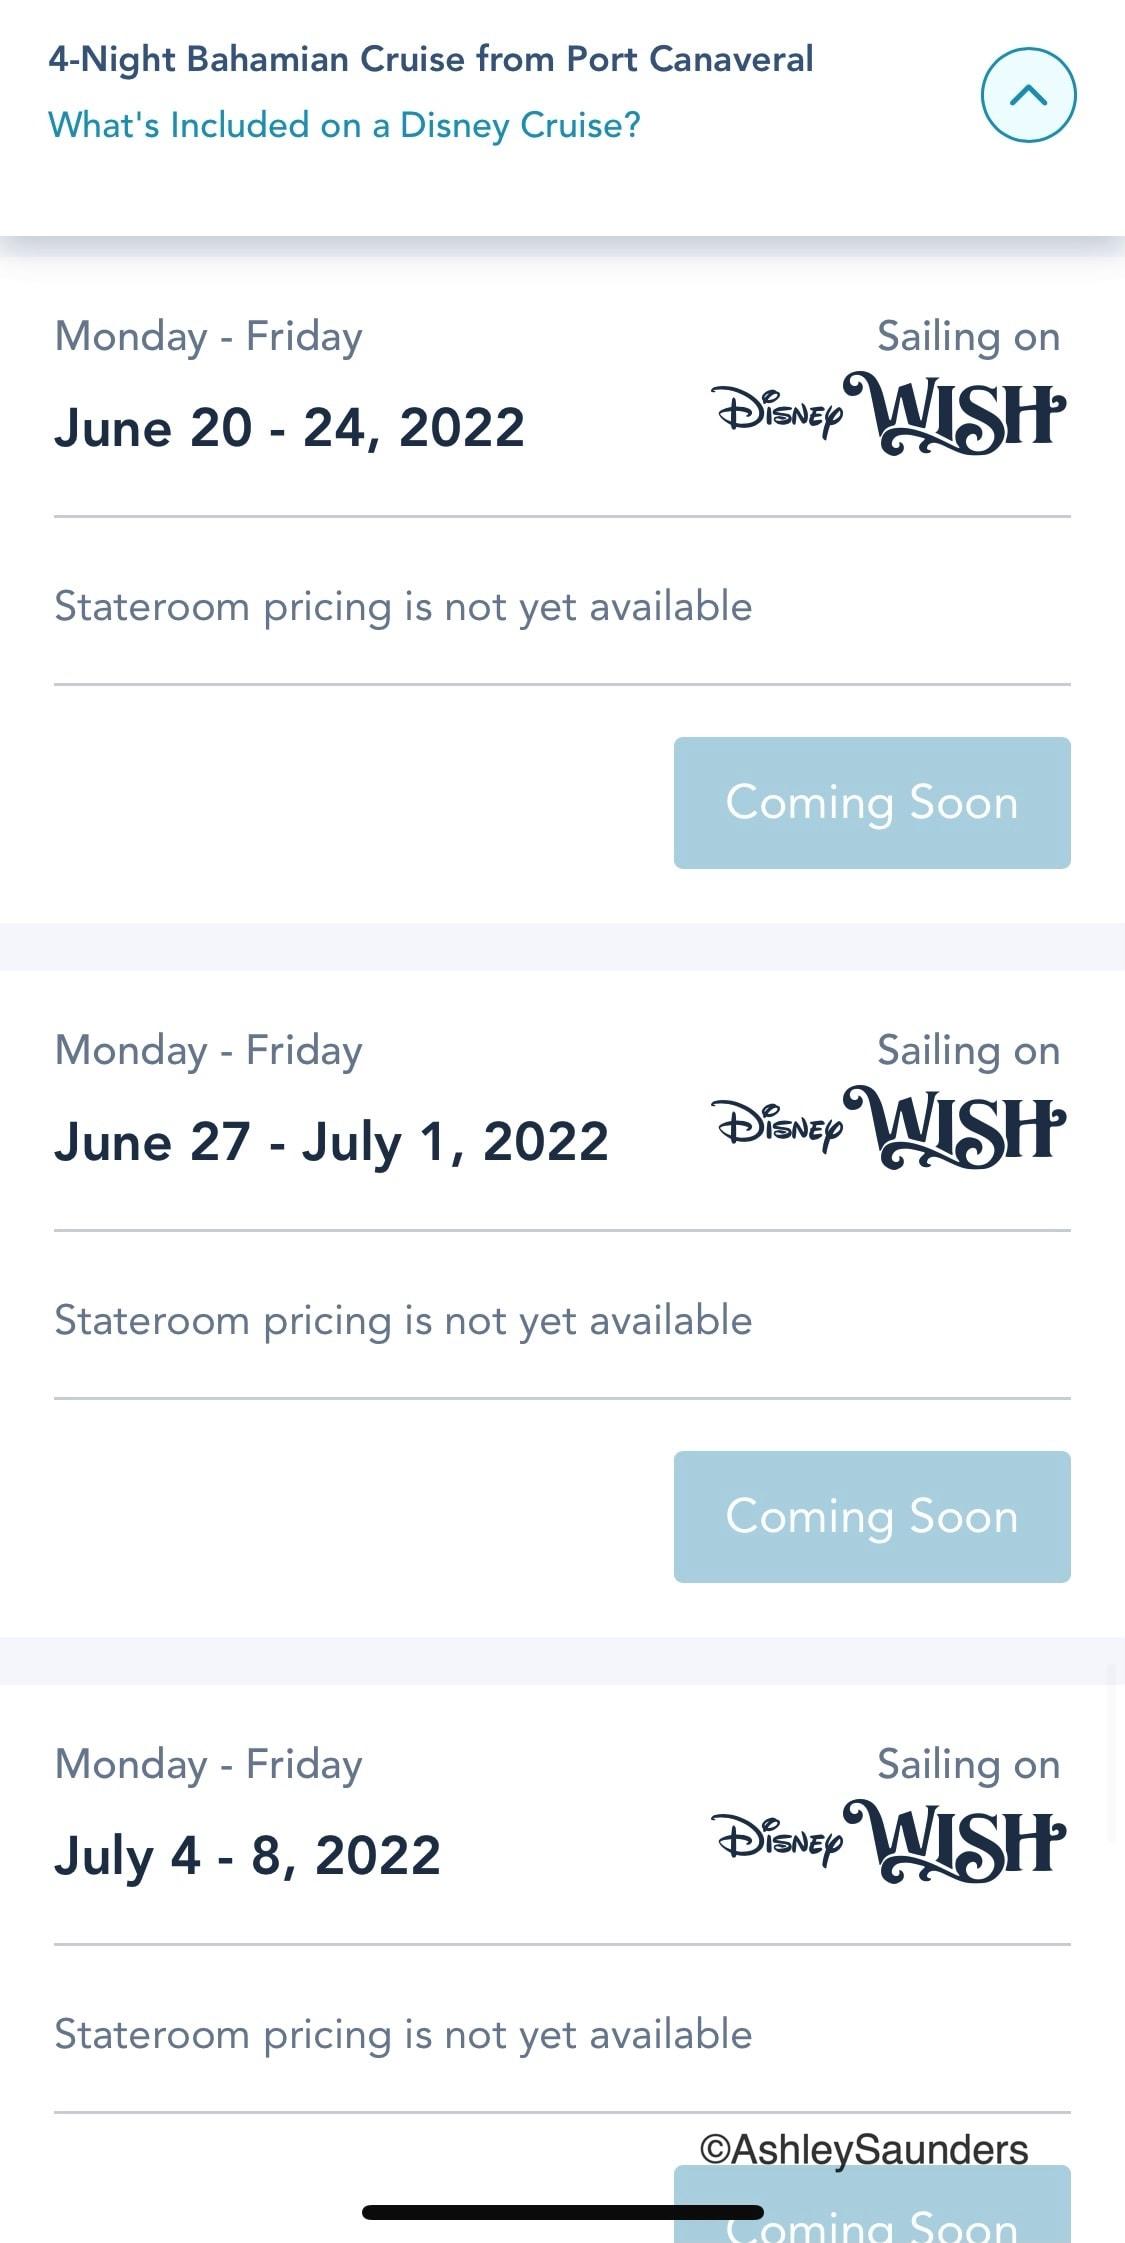 Disney Wish Itineraries